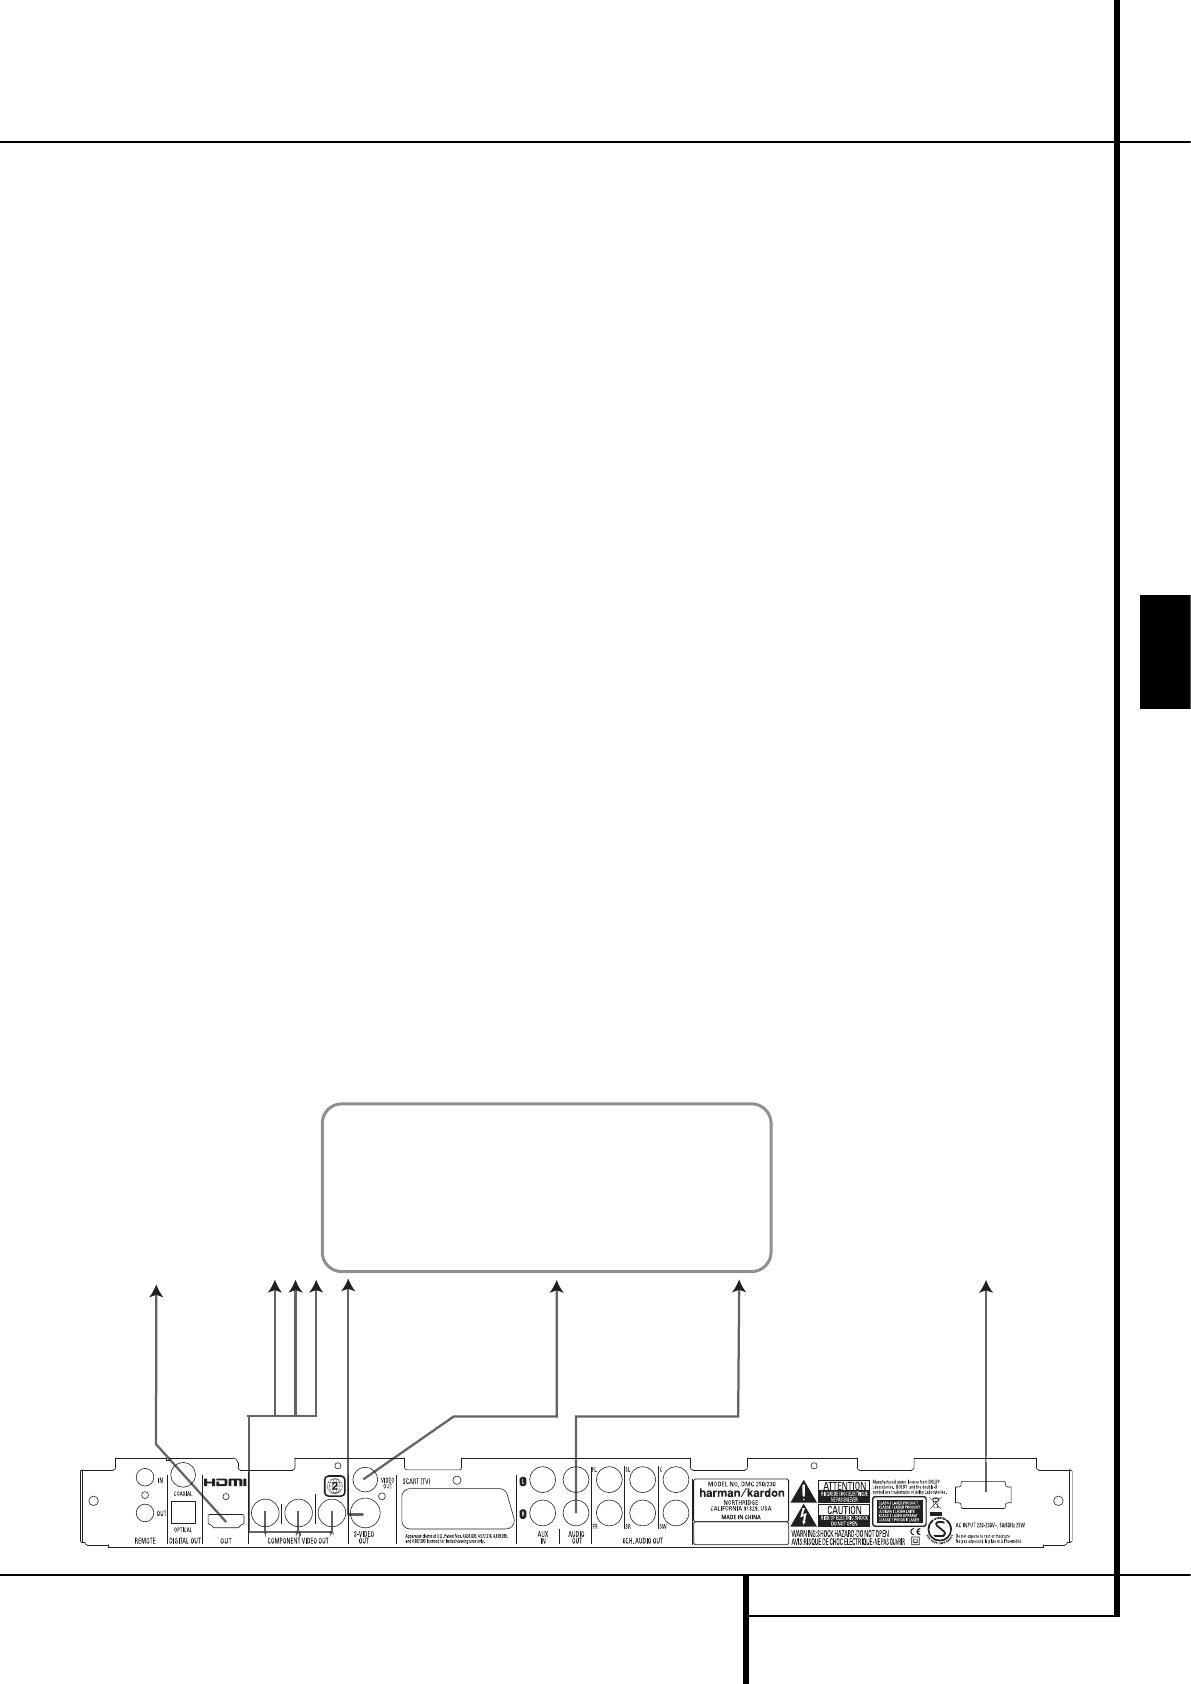 elementaire VCR aansluiting Dating McAllen